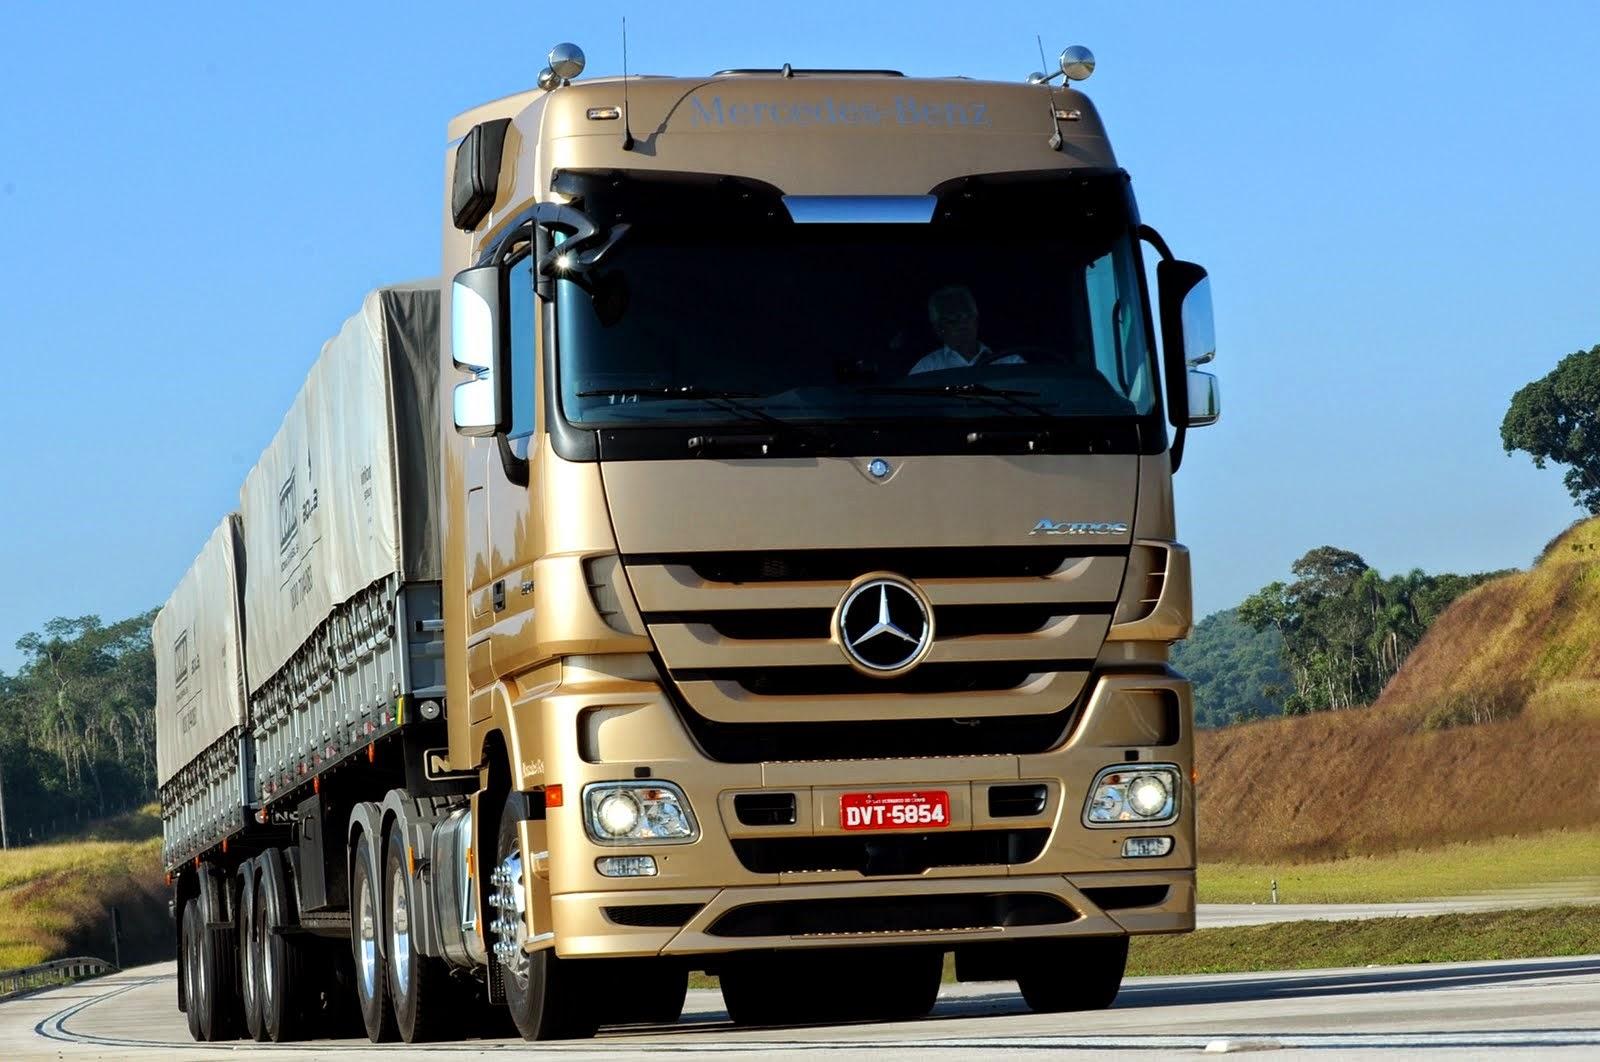 Papel de parede de Caminhão e Carreta! | As Máquinas Pesadas